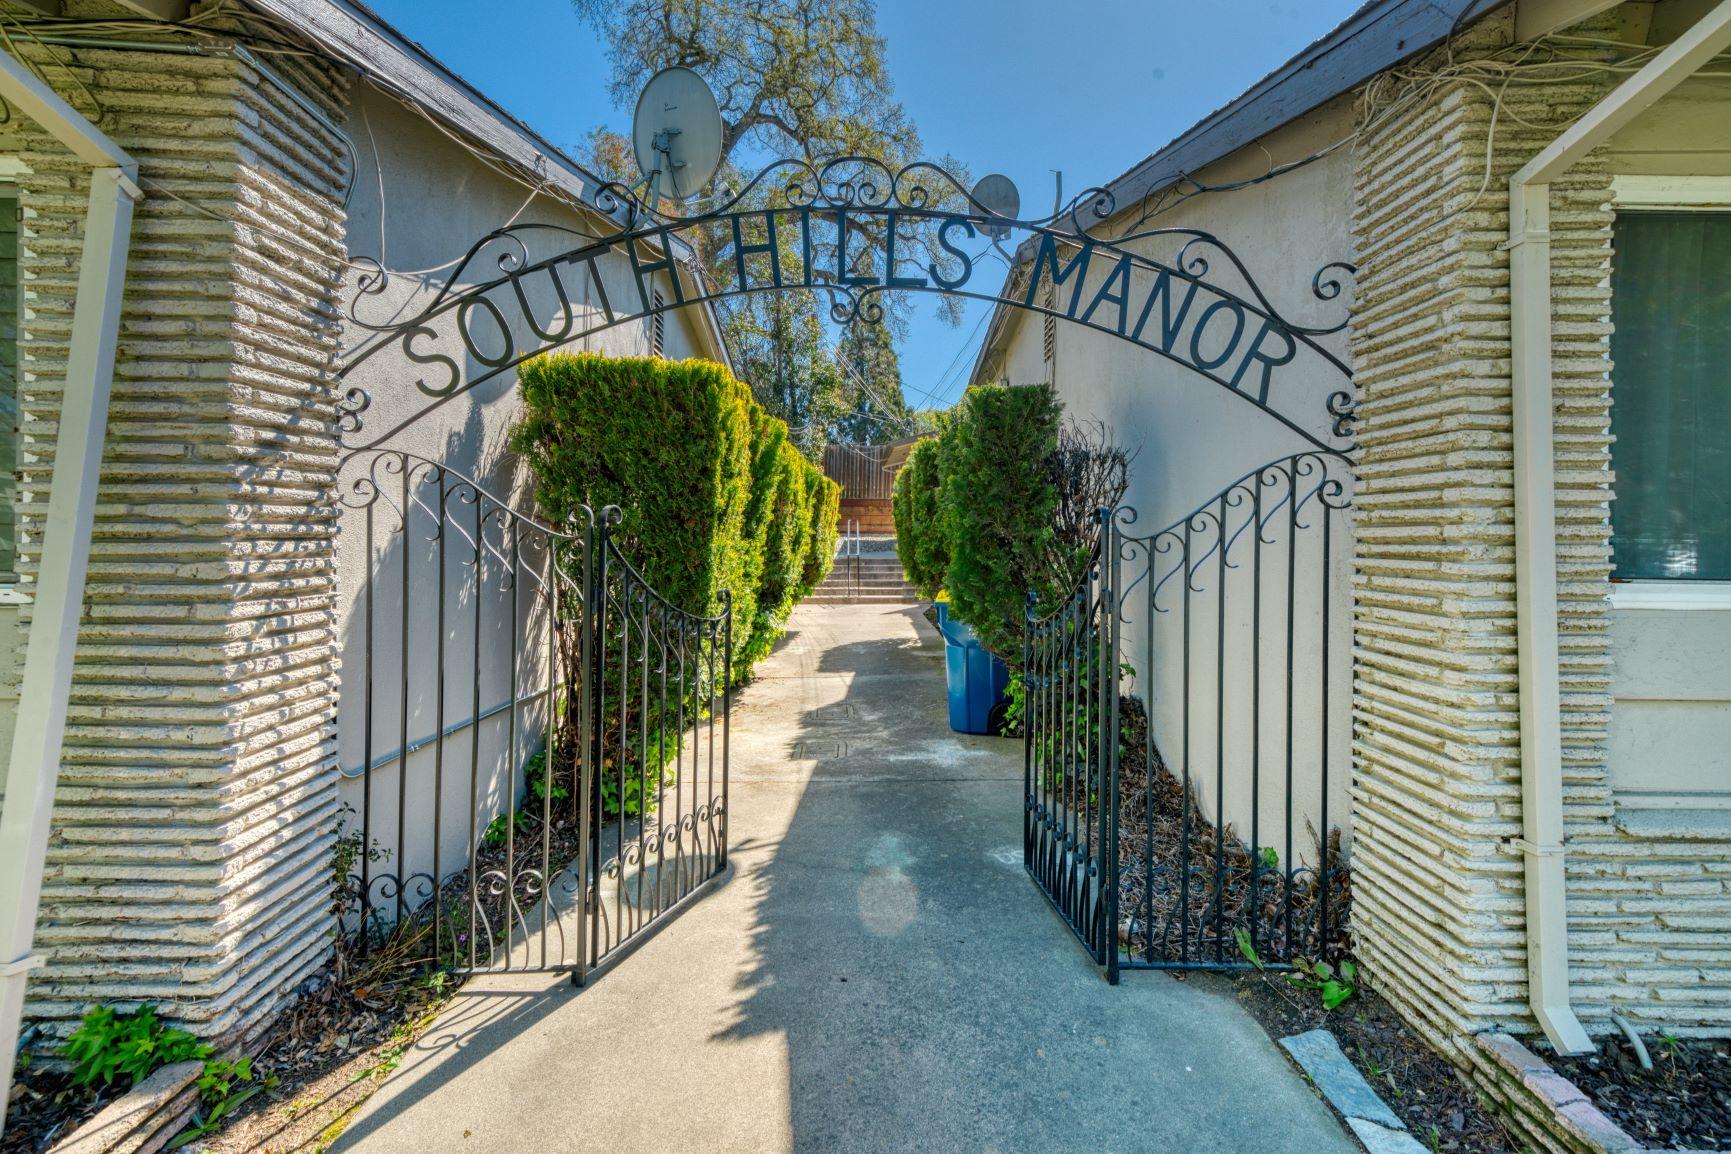 South Hills Manor Condominium